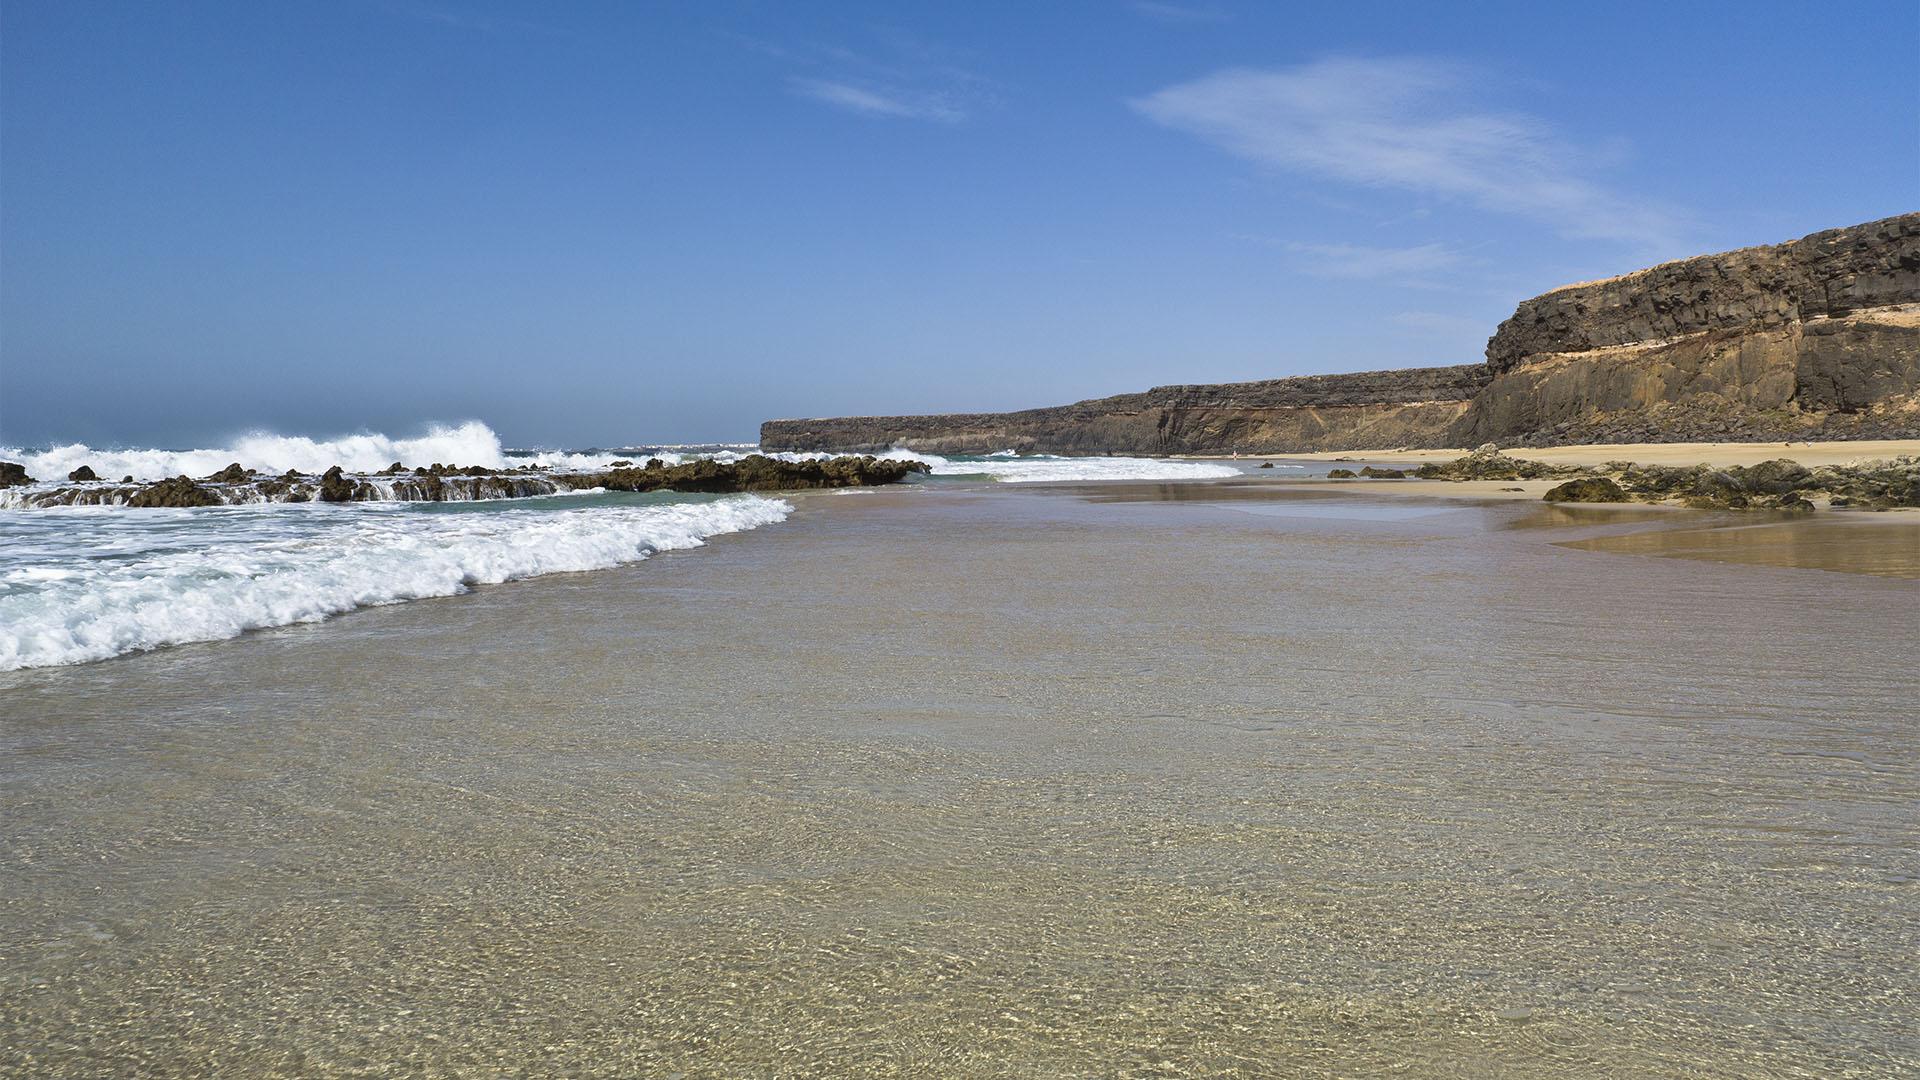 Die Strände Fuerteventuras: Playa de la Águila aka Playa Escalera.